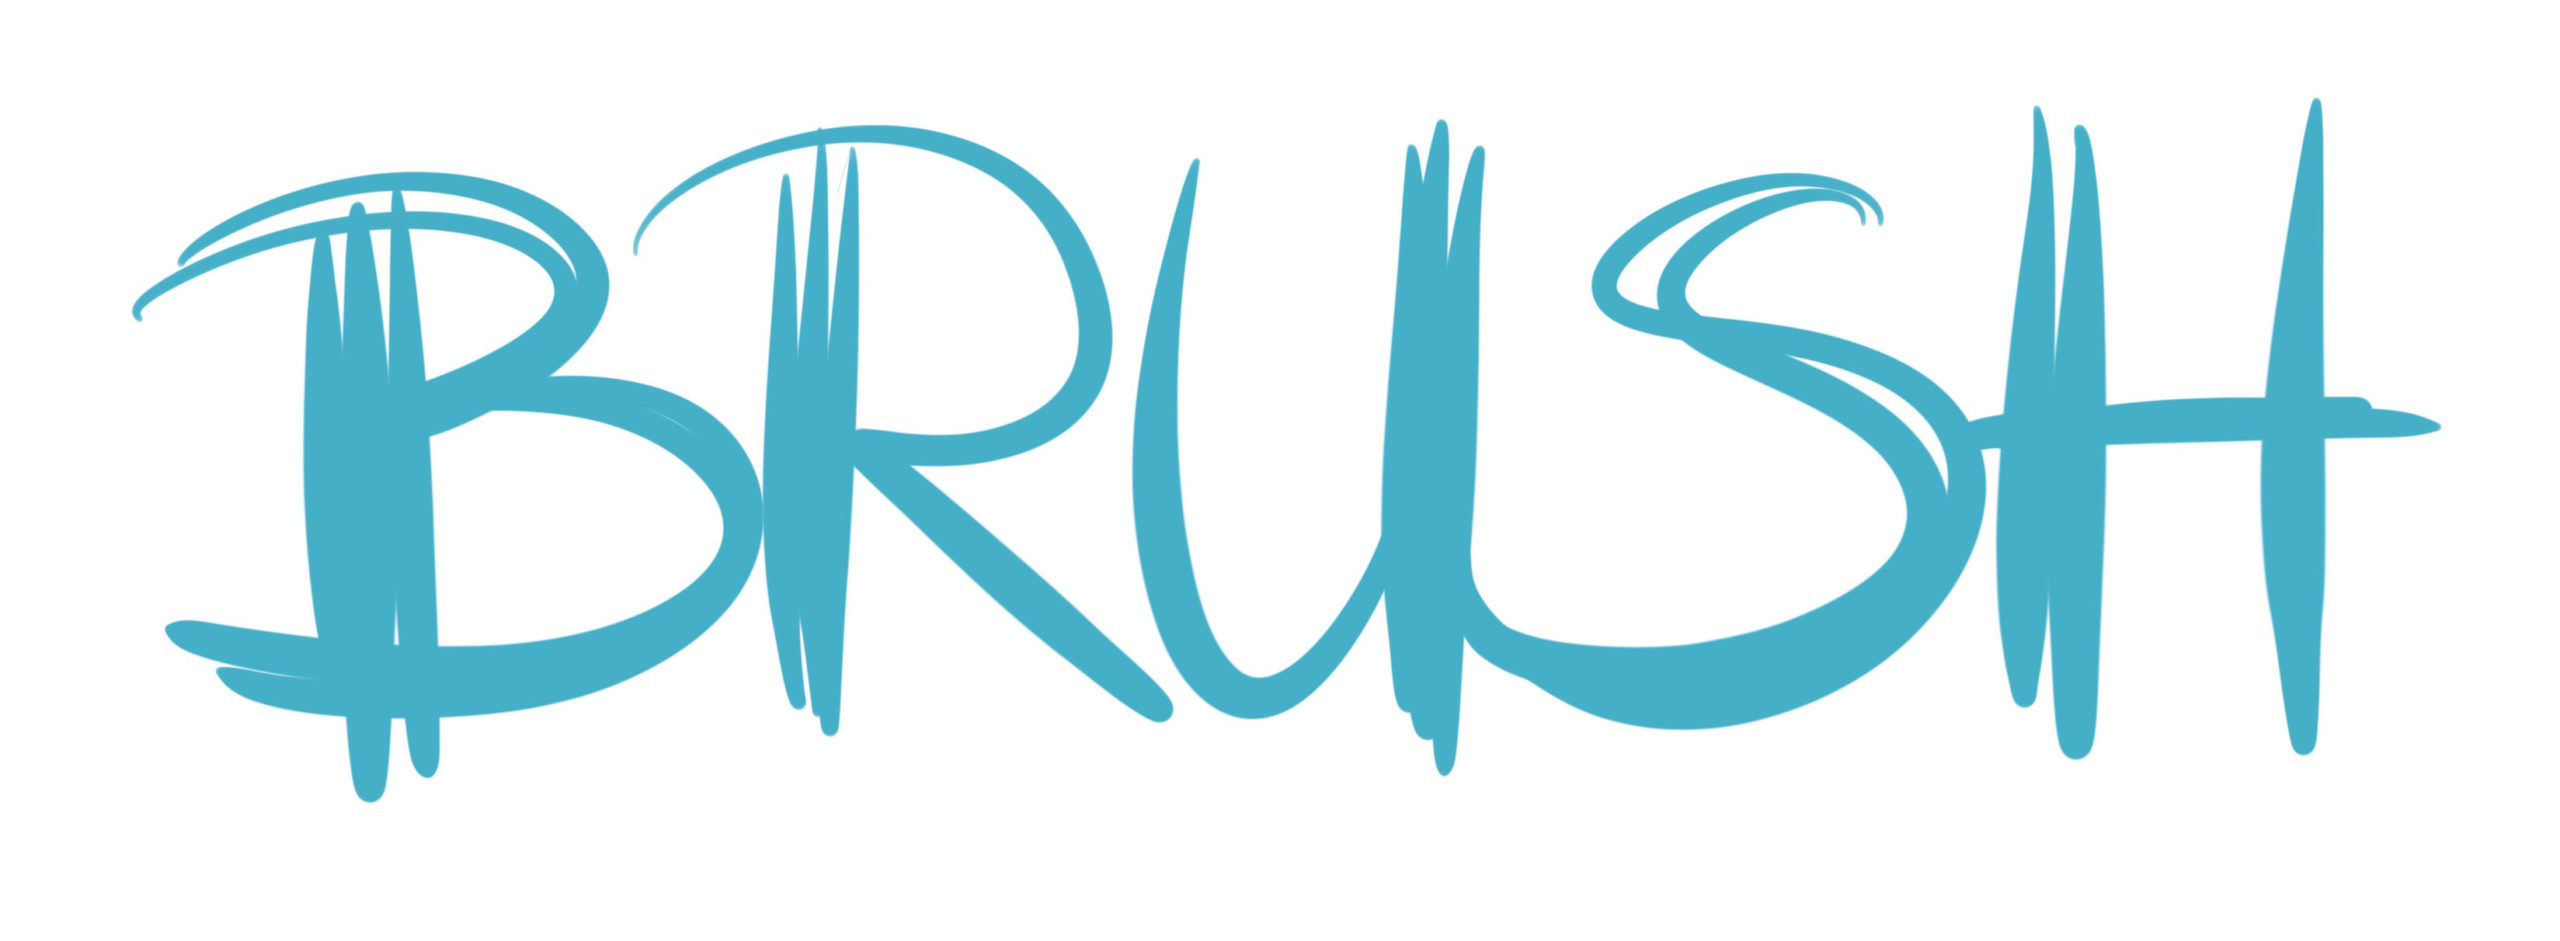 Brushlettering Großbuchstaben mit mehreren kräftigen Abstrichen nebeneinander, die dann das Wort BRUSH ergeben.